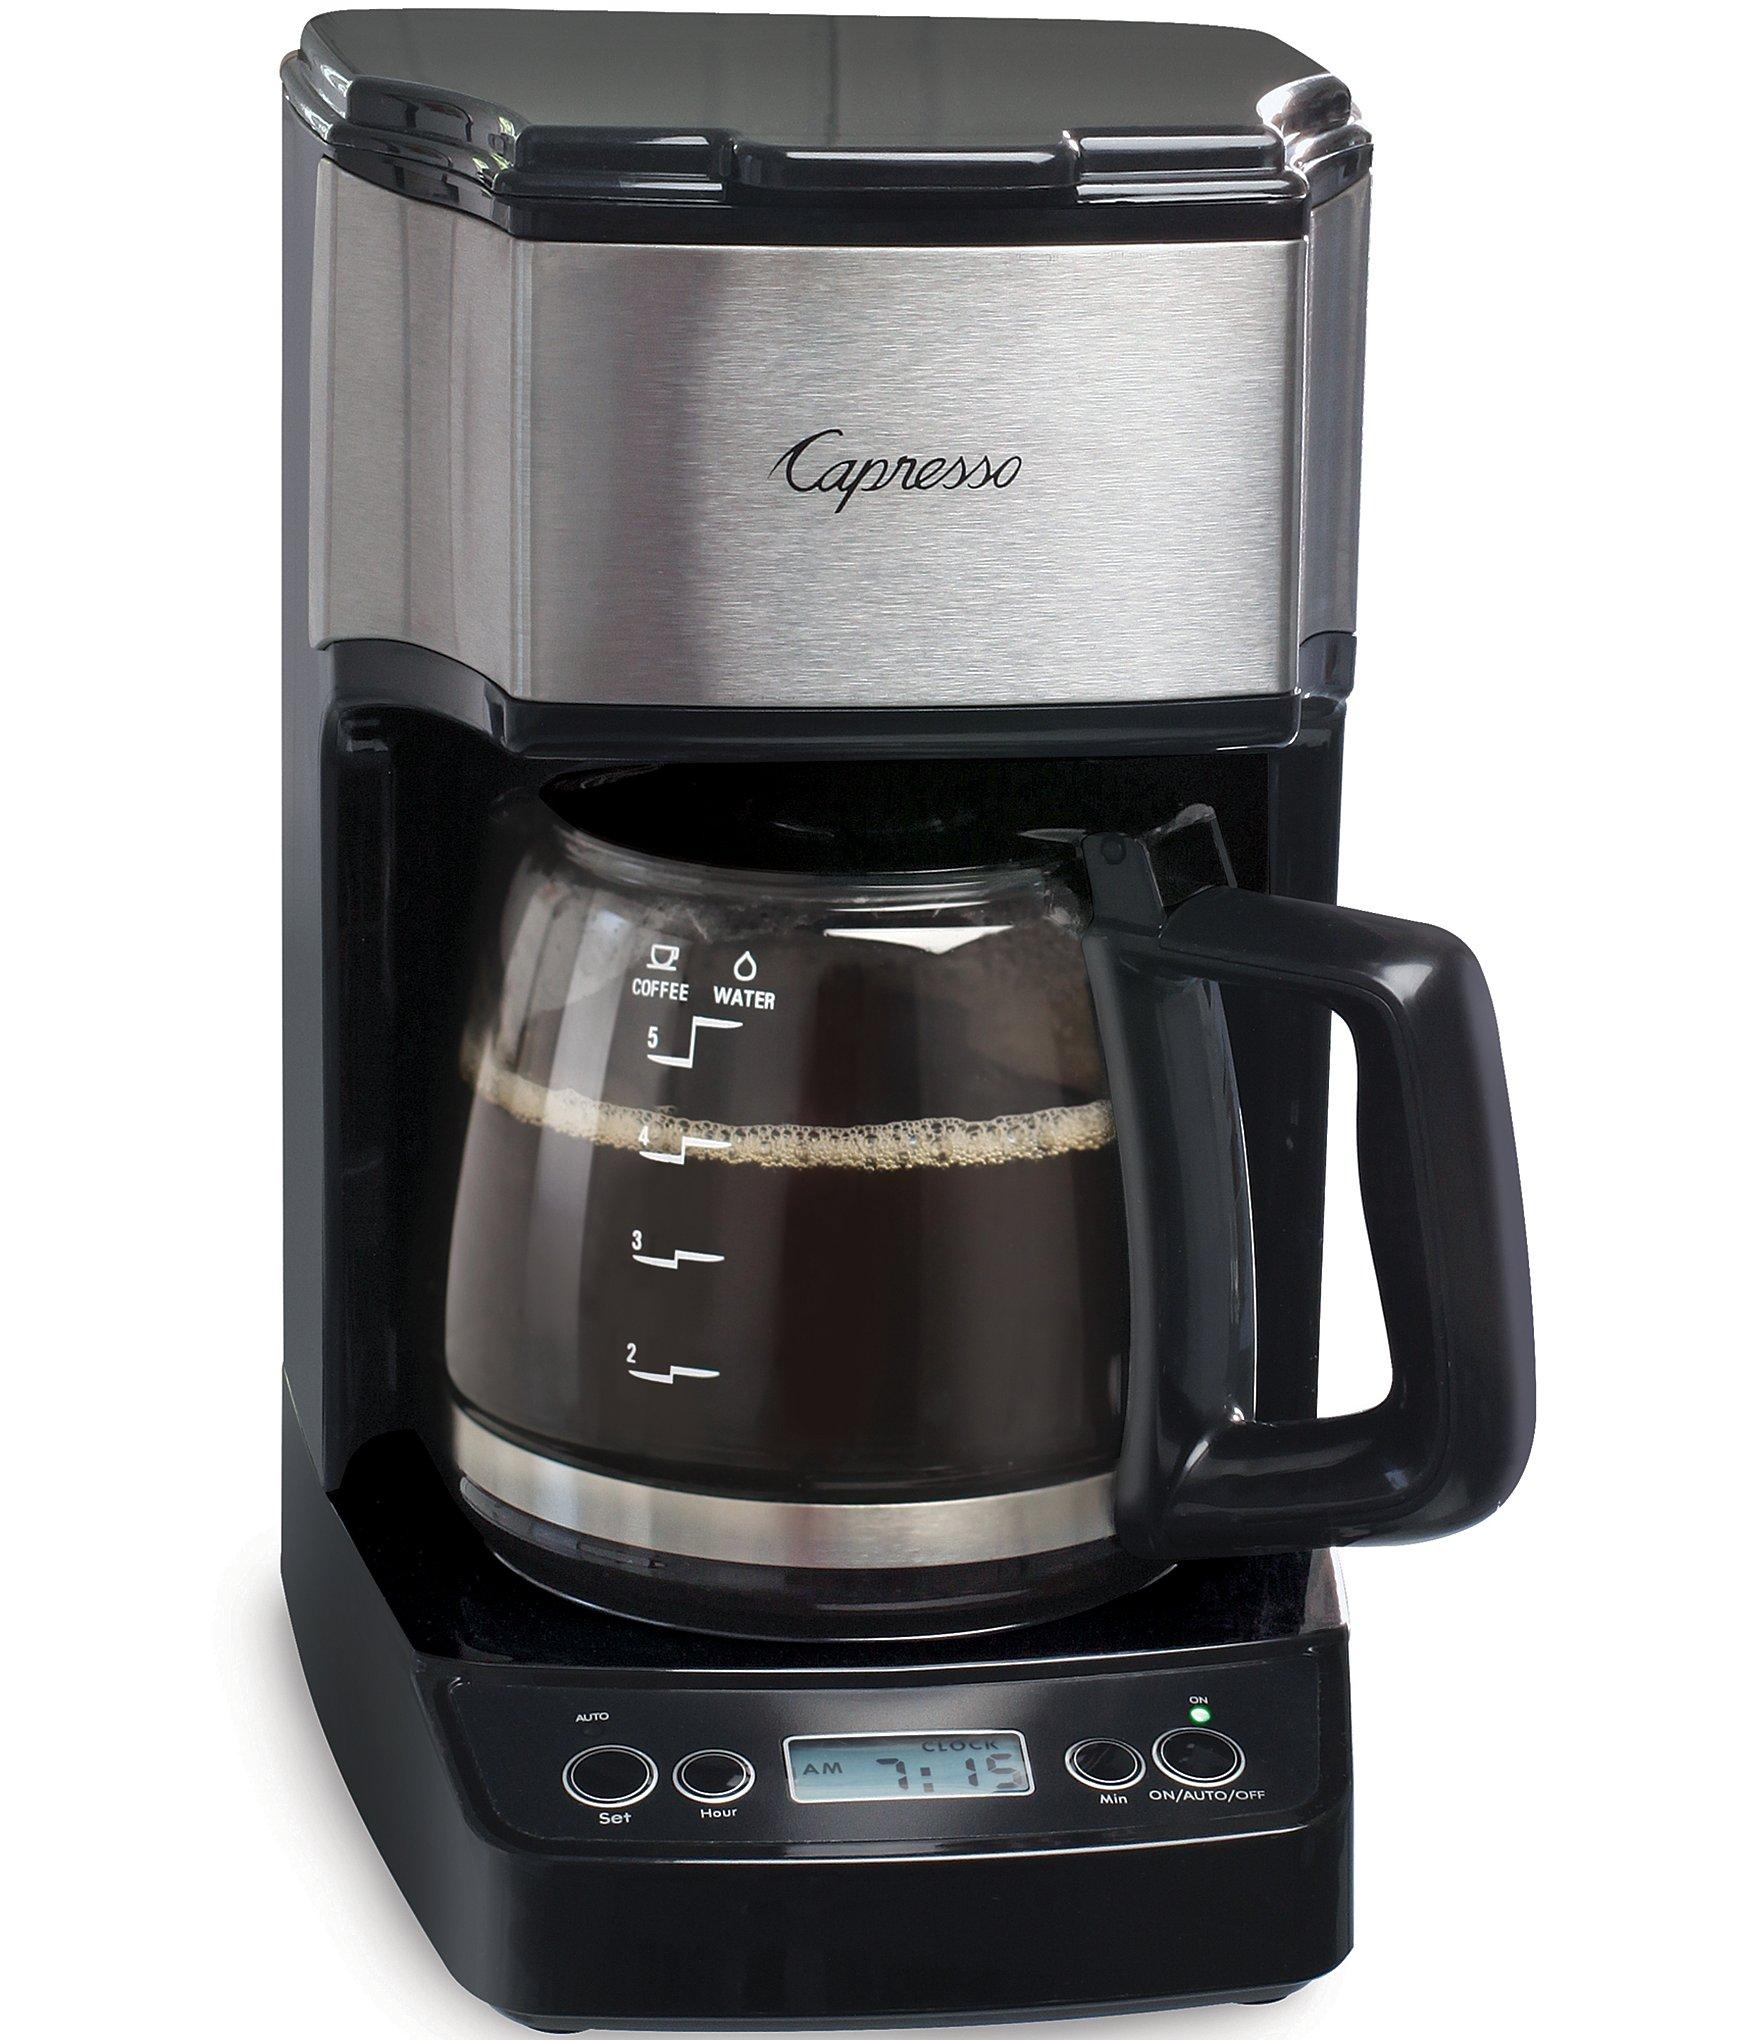 Ovastar Drip Coffee Maker Black & Silver : Capresso 5-Cup Mini Drip Coffee Maker Dillards